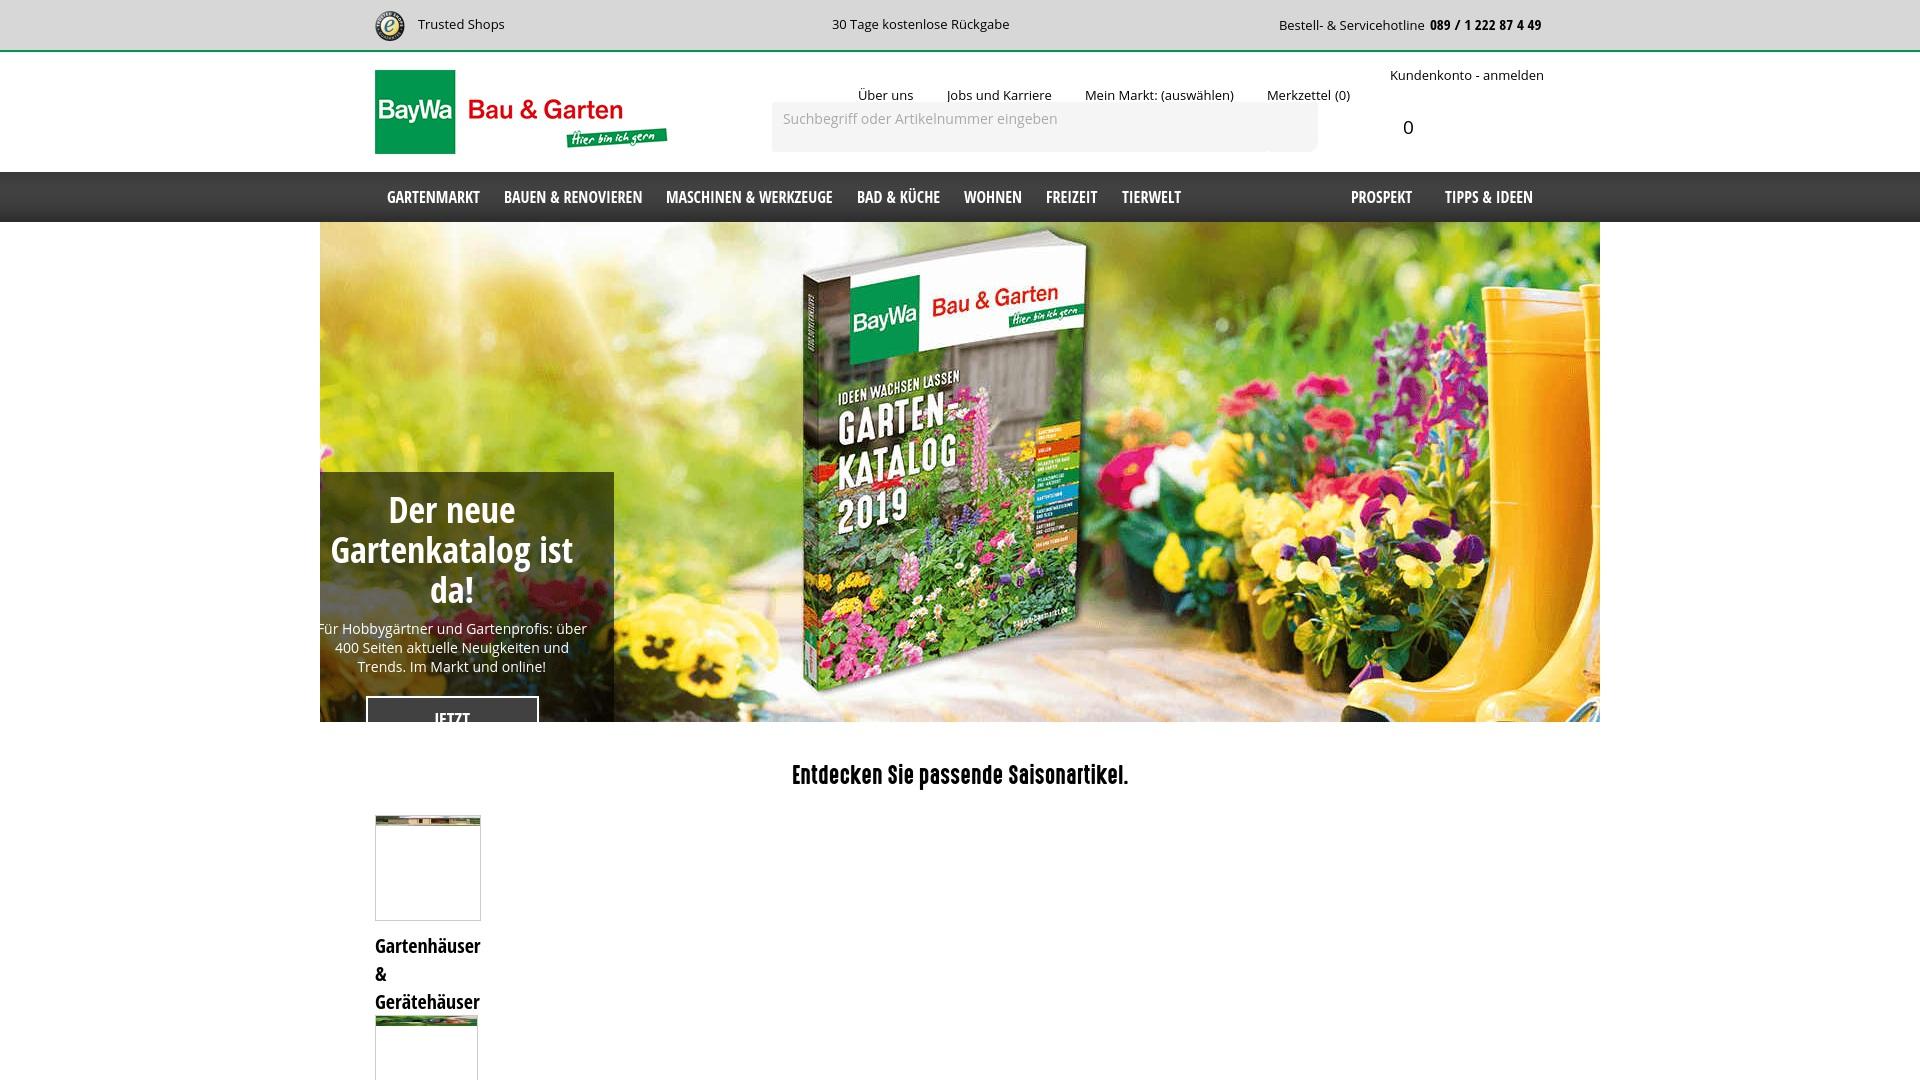 Gutschein für Baywa-baumarkt: Rabatte für  Baywa-baumarkt sichern